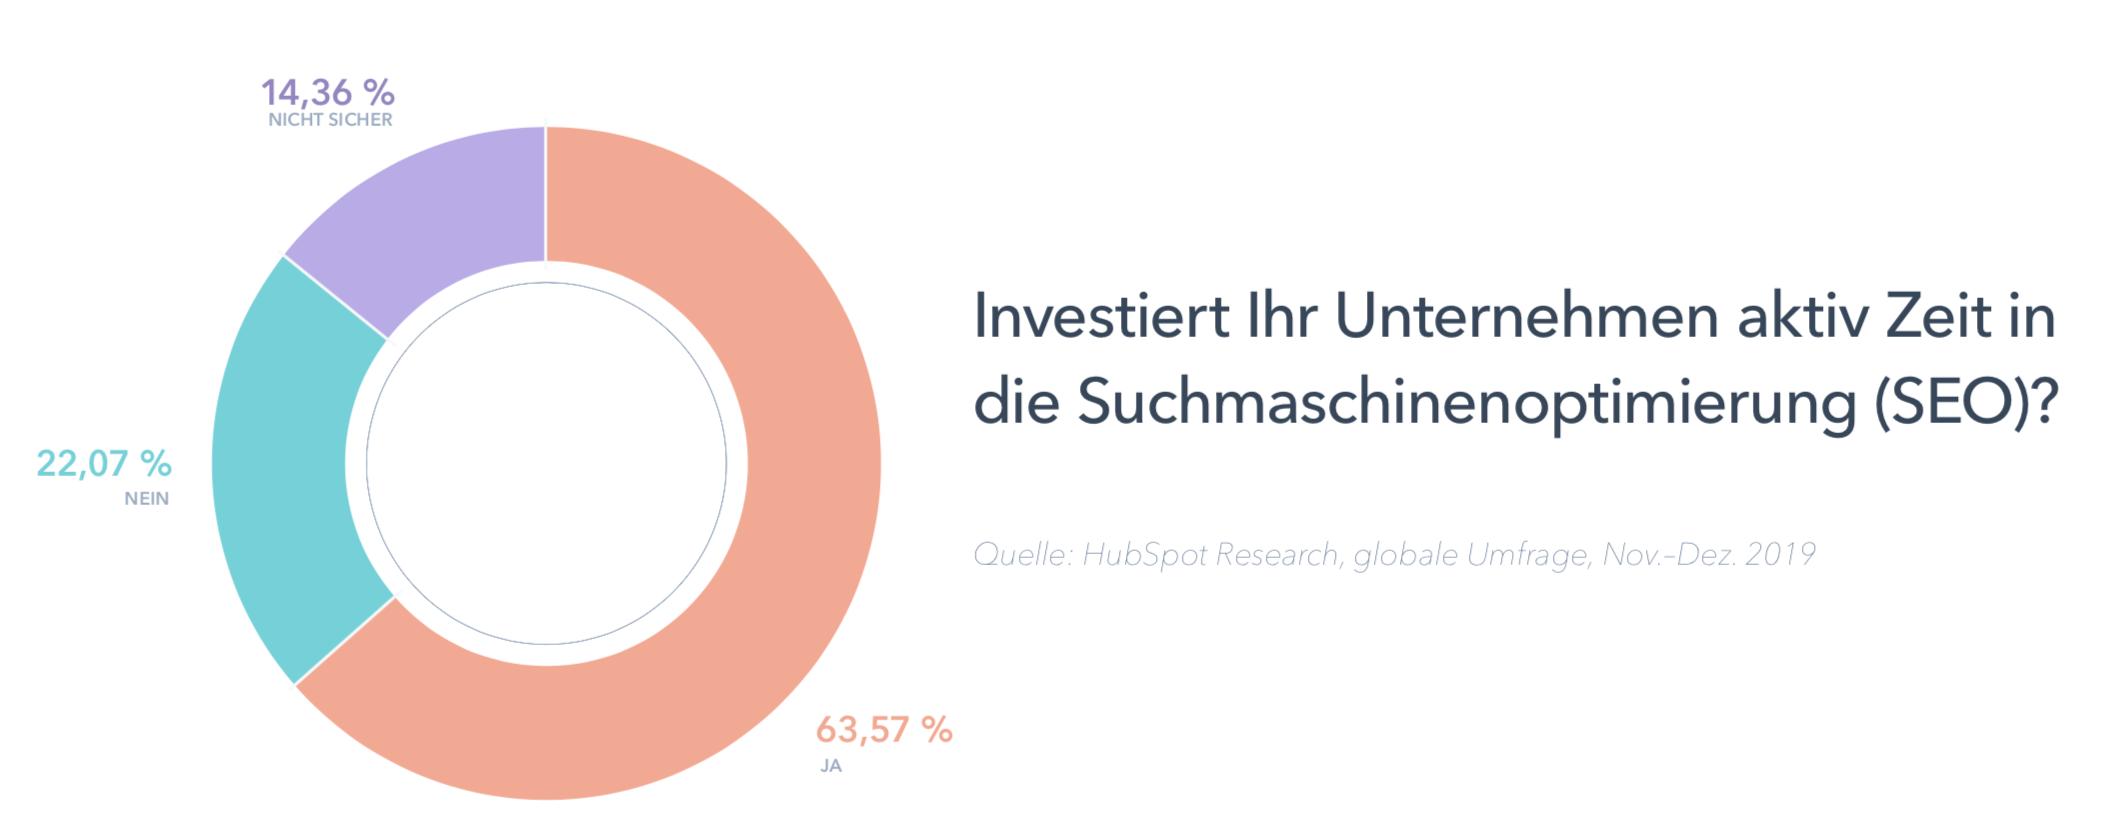 Statistik: Investiert Ihr Unternehmen aktiv in SEO? – 63% Ja, 22% Nein, 14% Nicht sicher